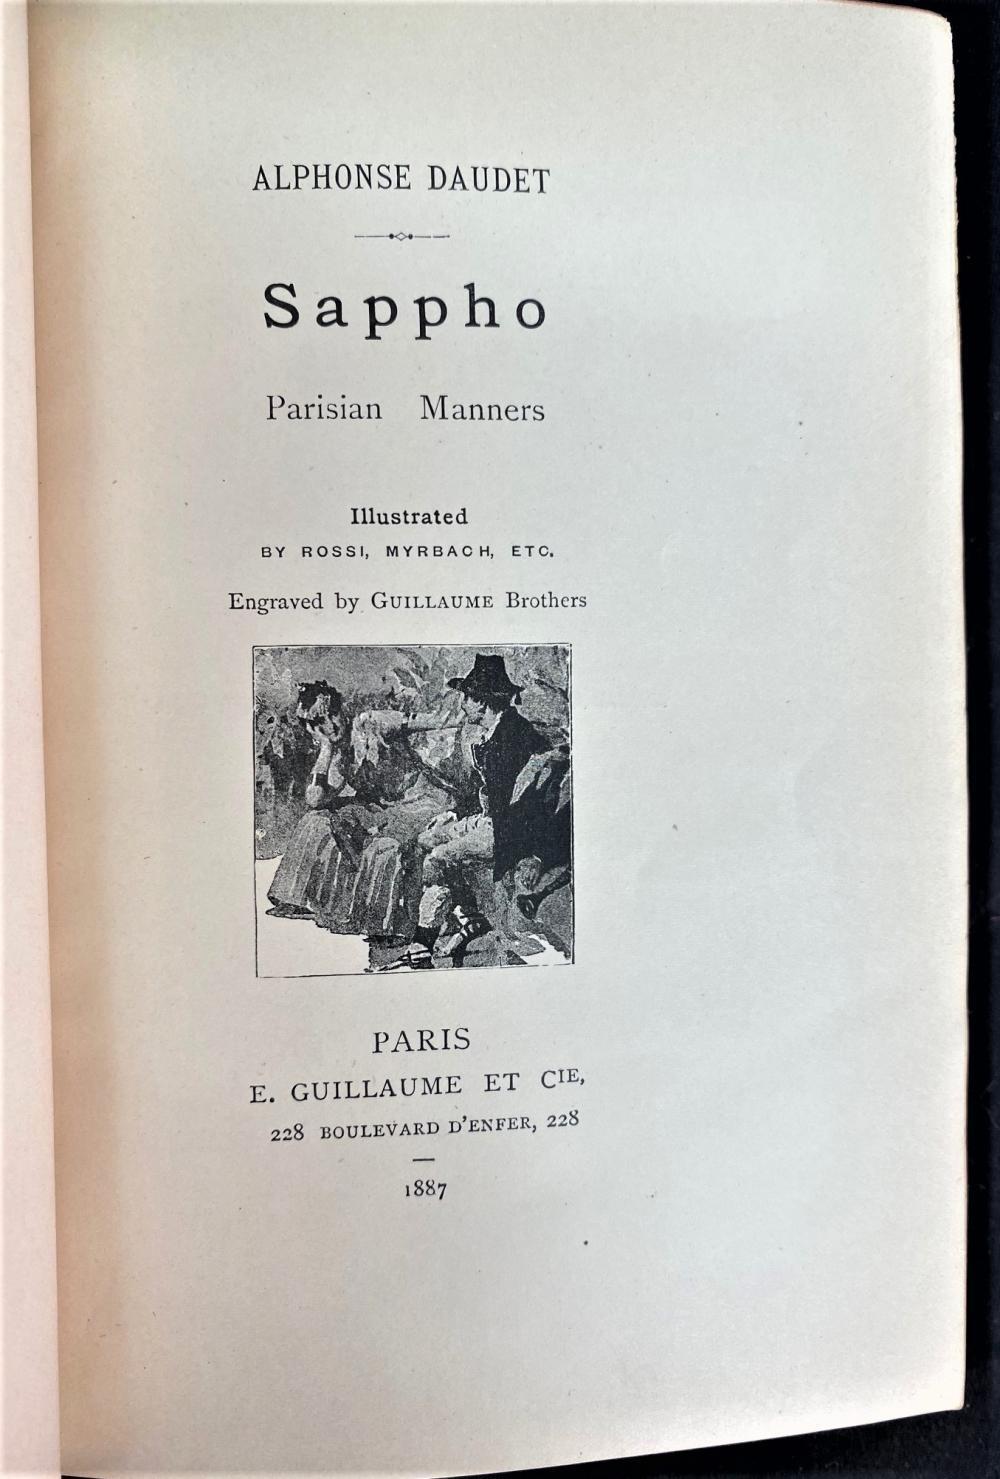 ALPHONSE DAUDET - 5 VOLUMES - 1887